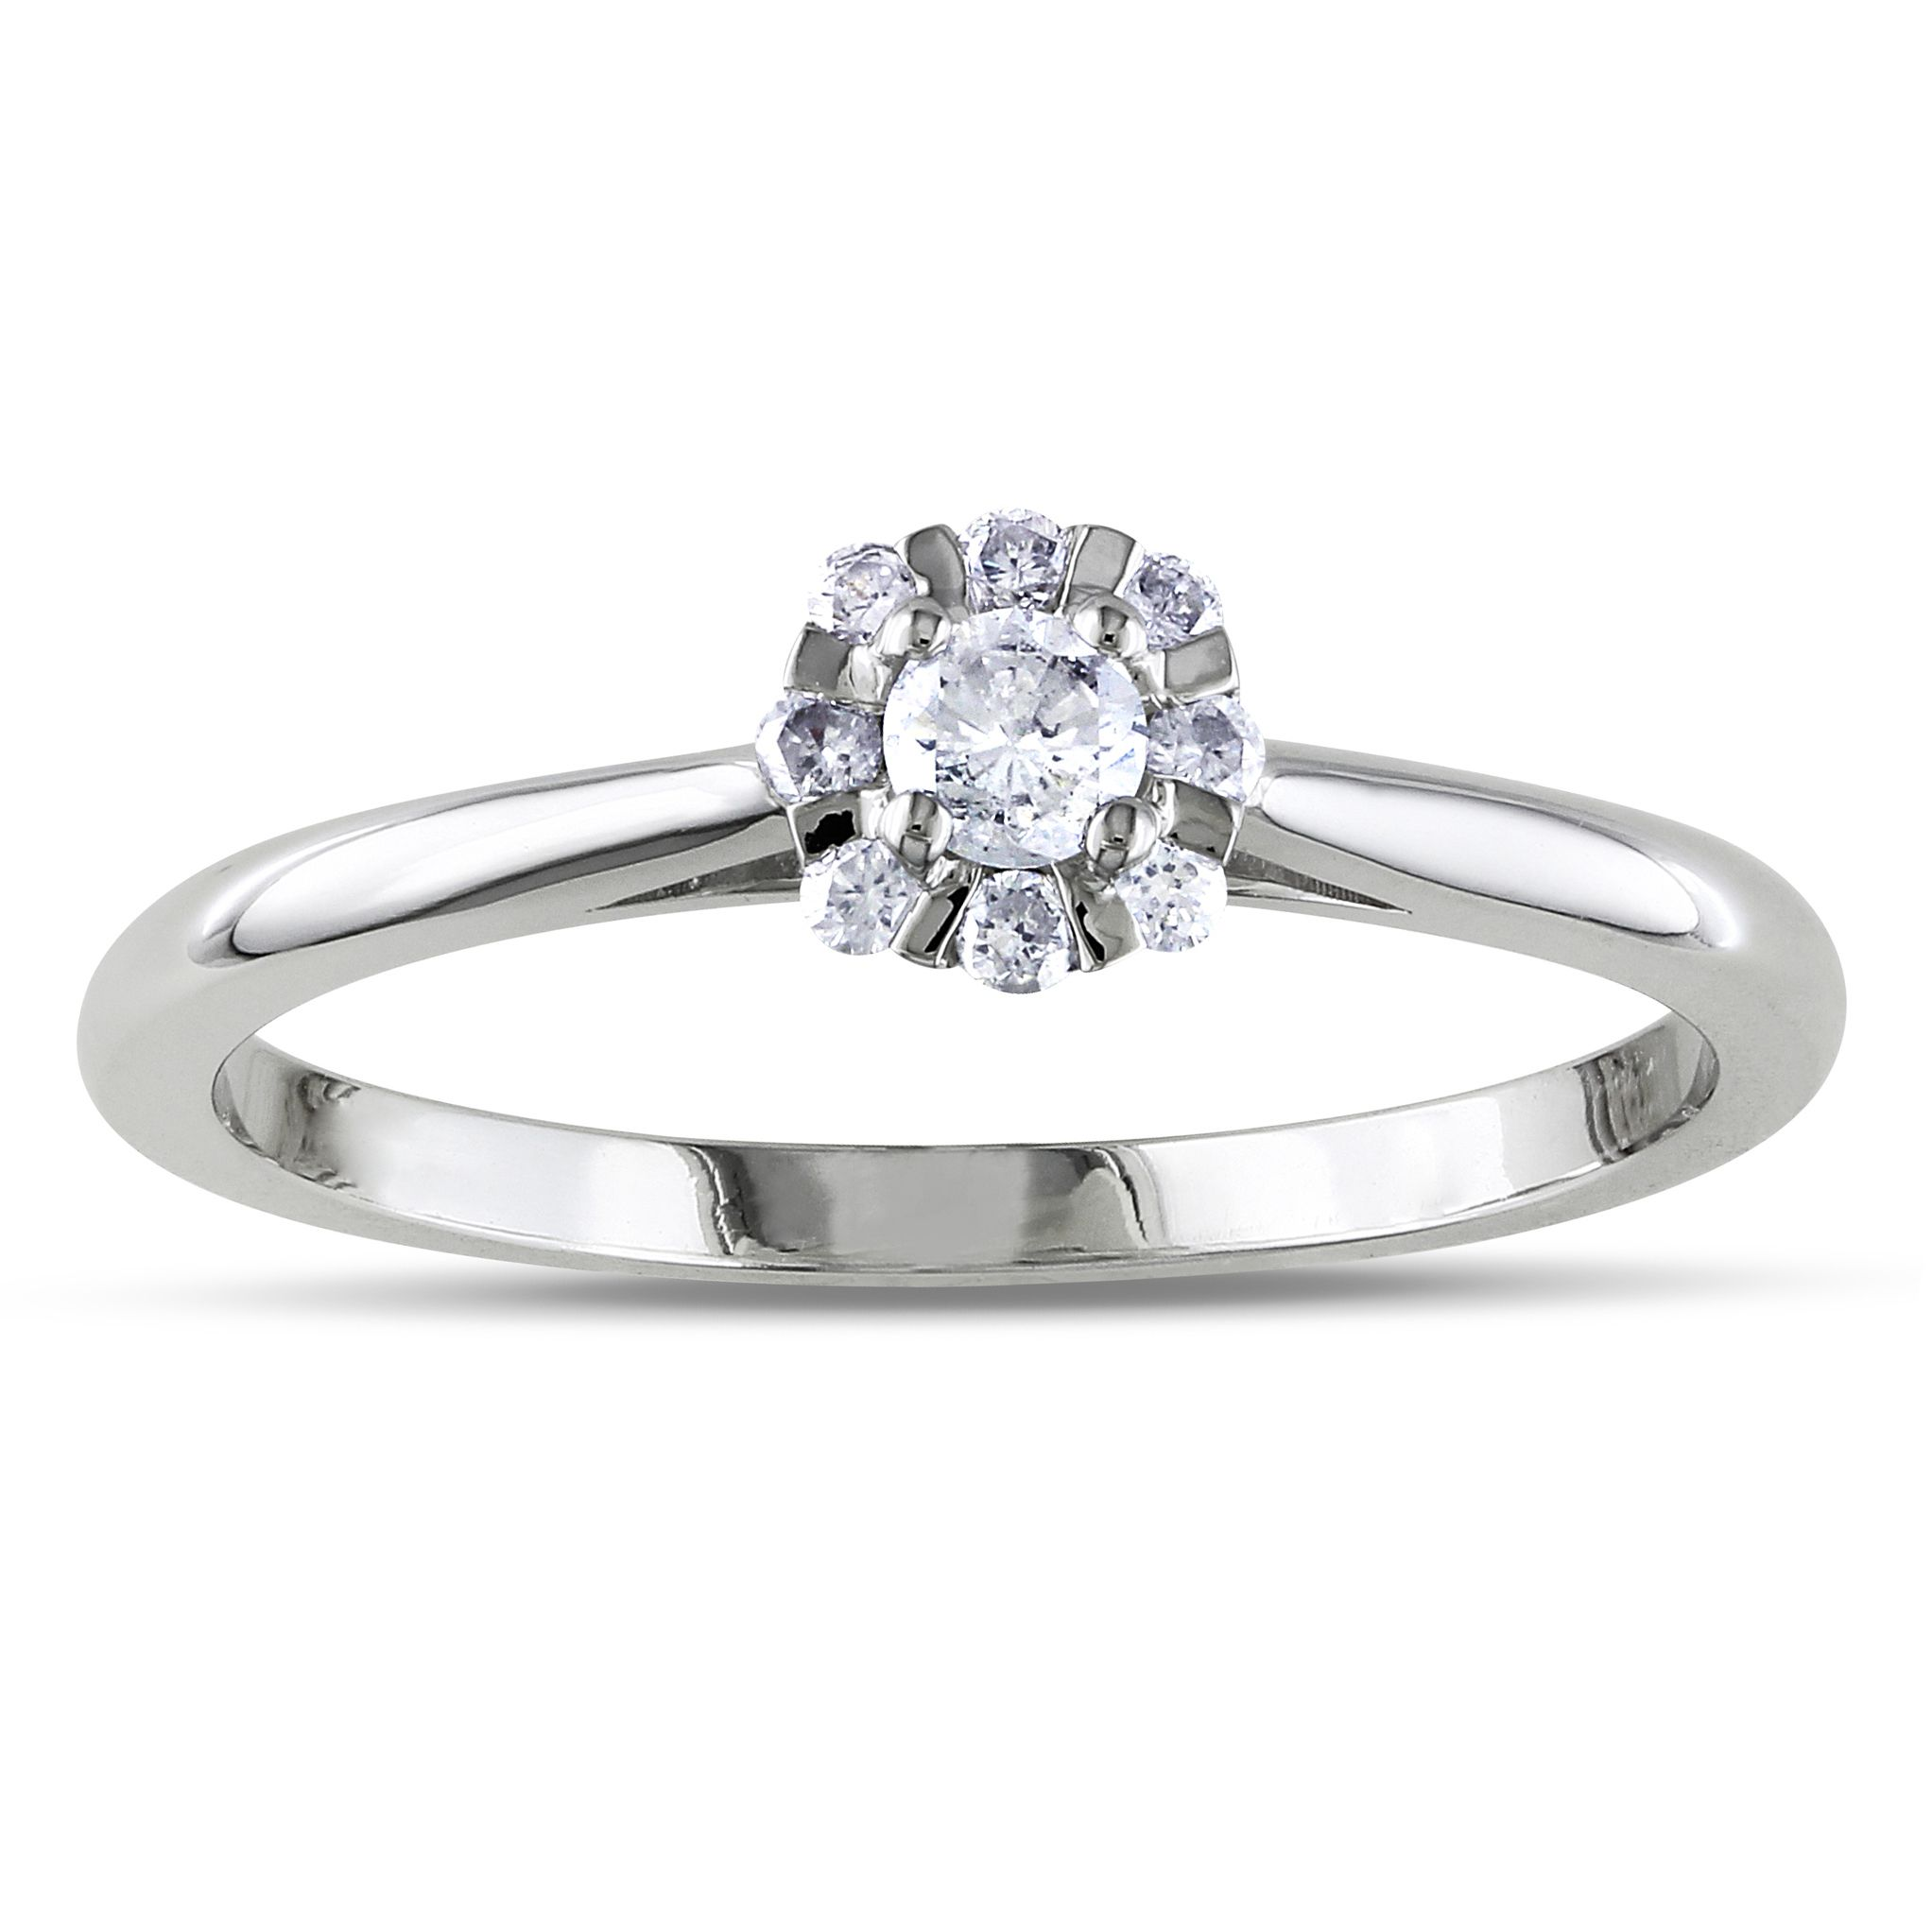 Walmart Promise Rings Promise Rings For Guys At Walmart Promise Rings For Guy White Gold Diamond Wedding Rings Best Engagement Rings Promise Rings For Guys